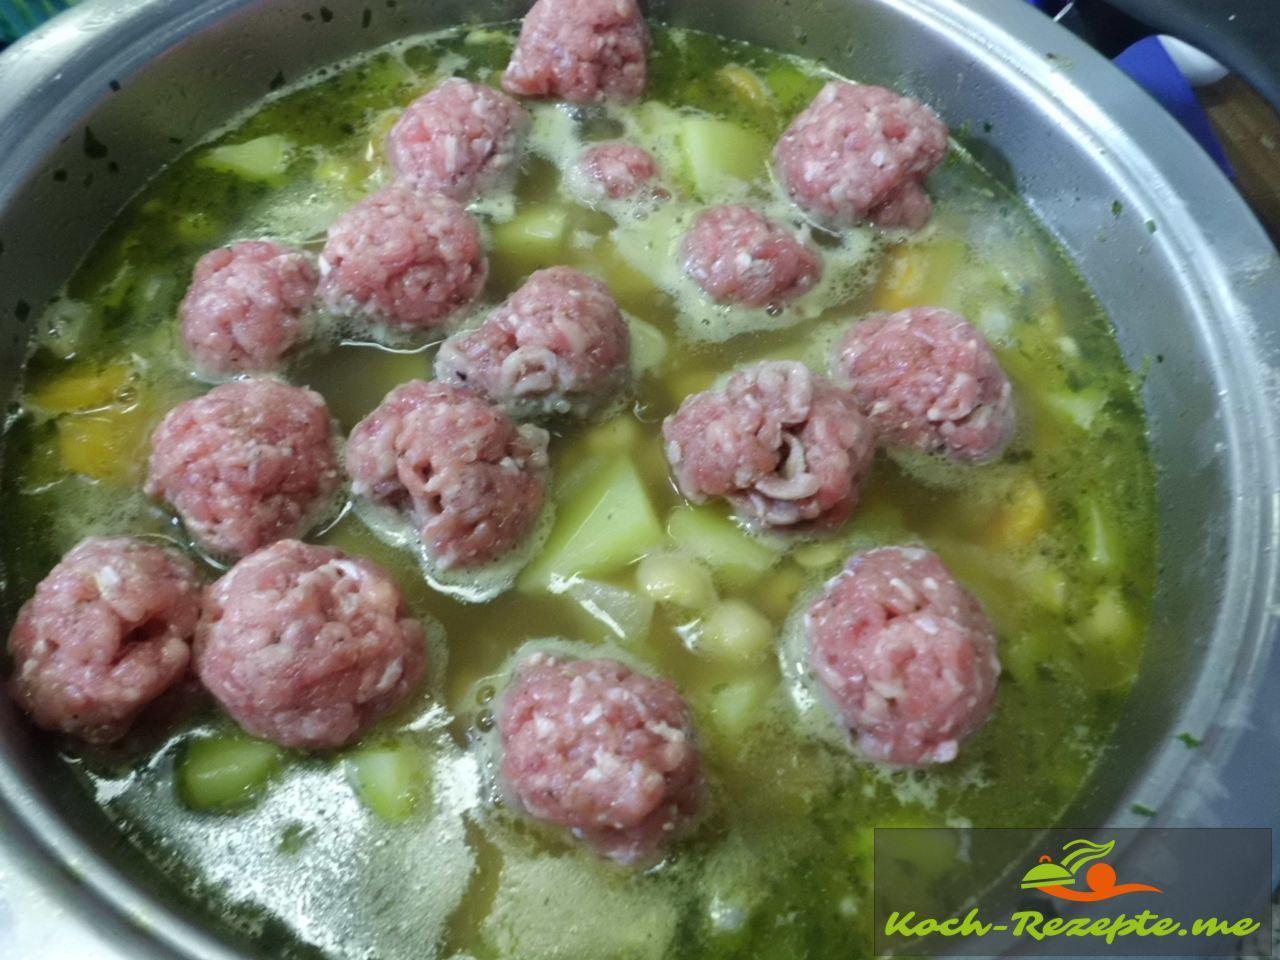 als kleine Bällchen in die Suppe legen und ziehen lassen für die Kichererbsensuppe